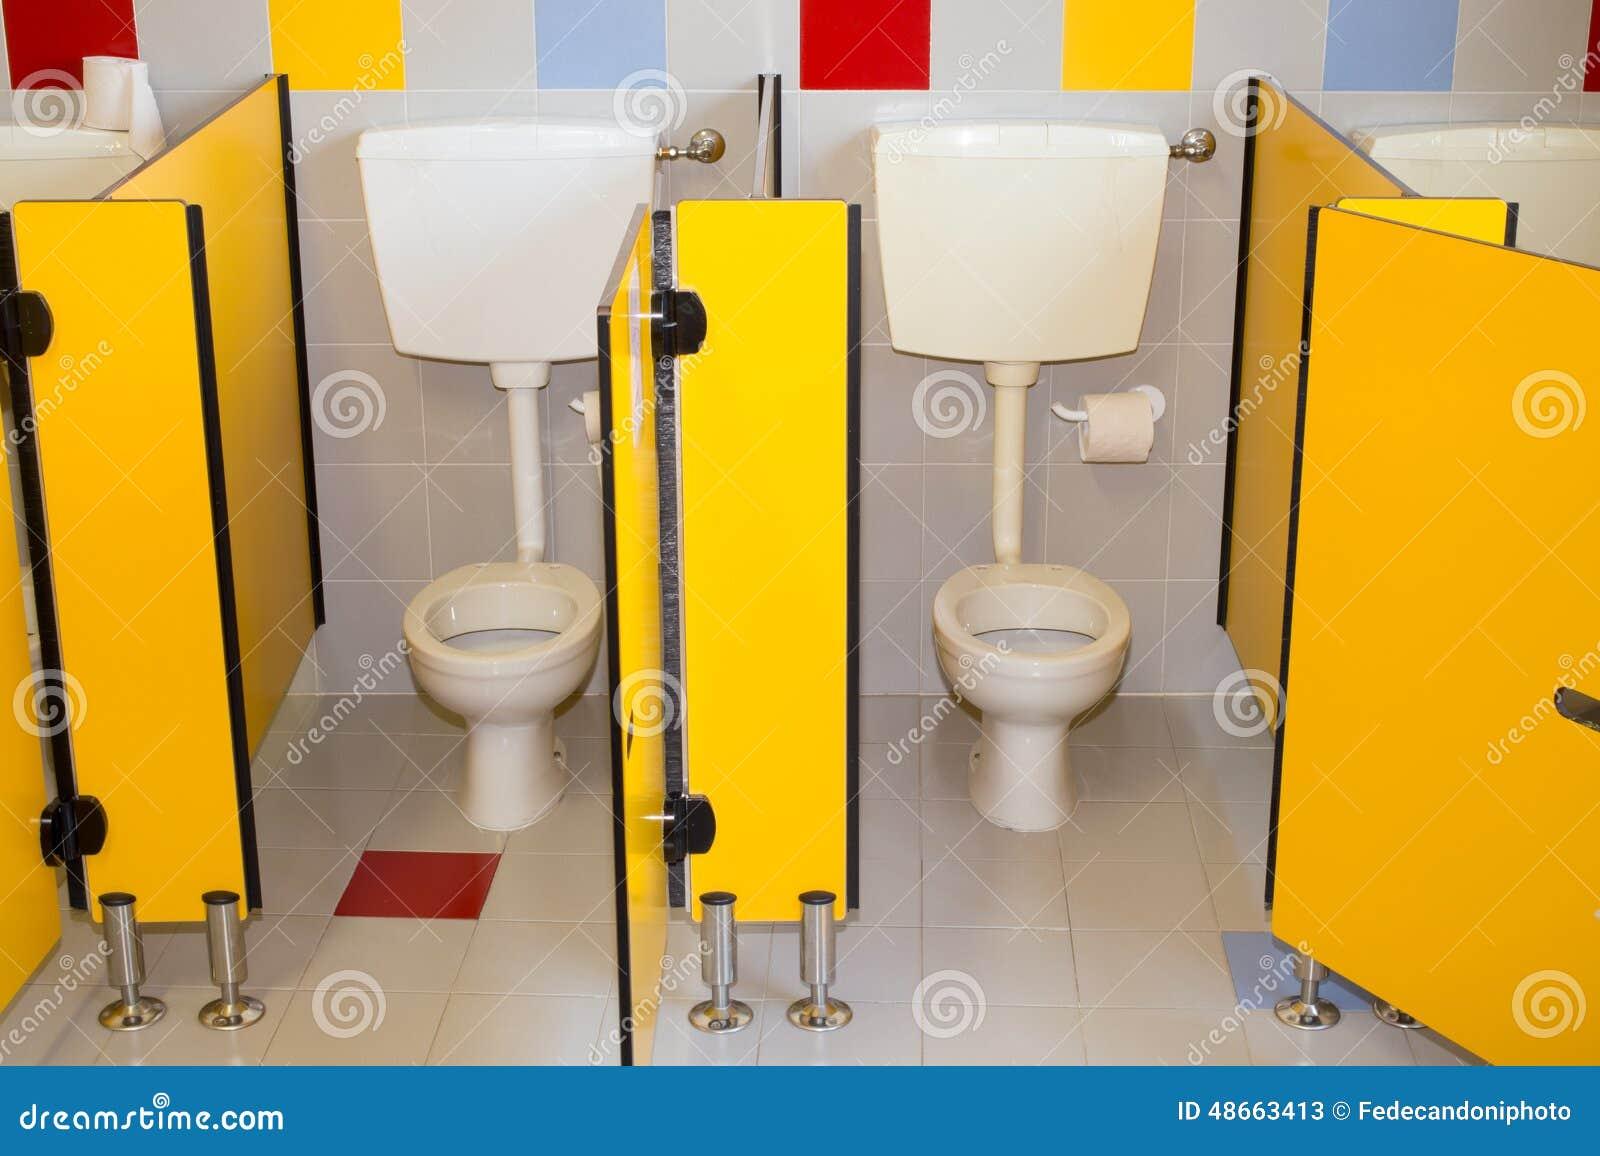 Schön Download Kleines Badezimmer Einer Schule Für Kinder Mit WC Stockbild   Bild  Von Bassin, Gebäude